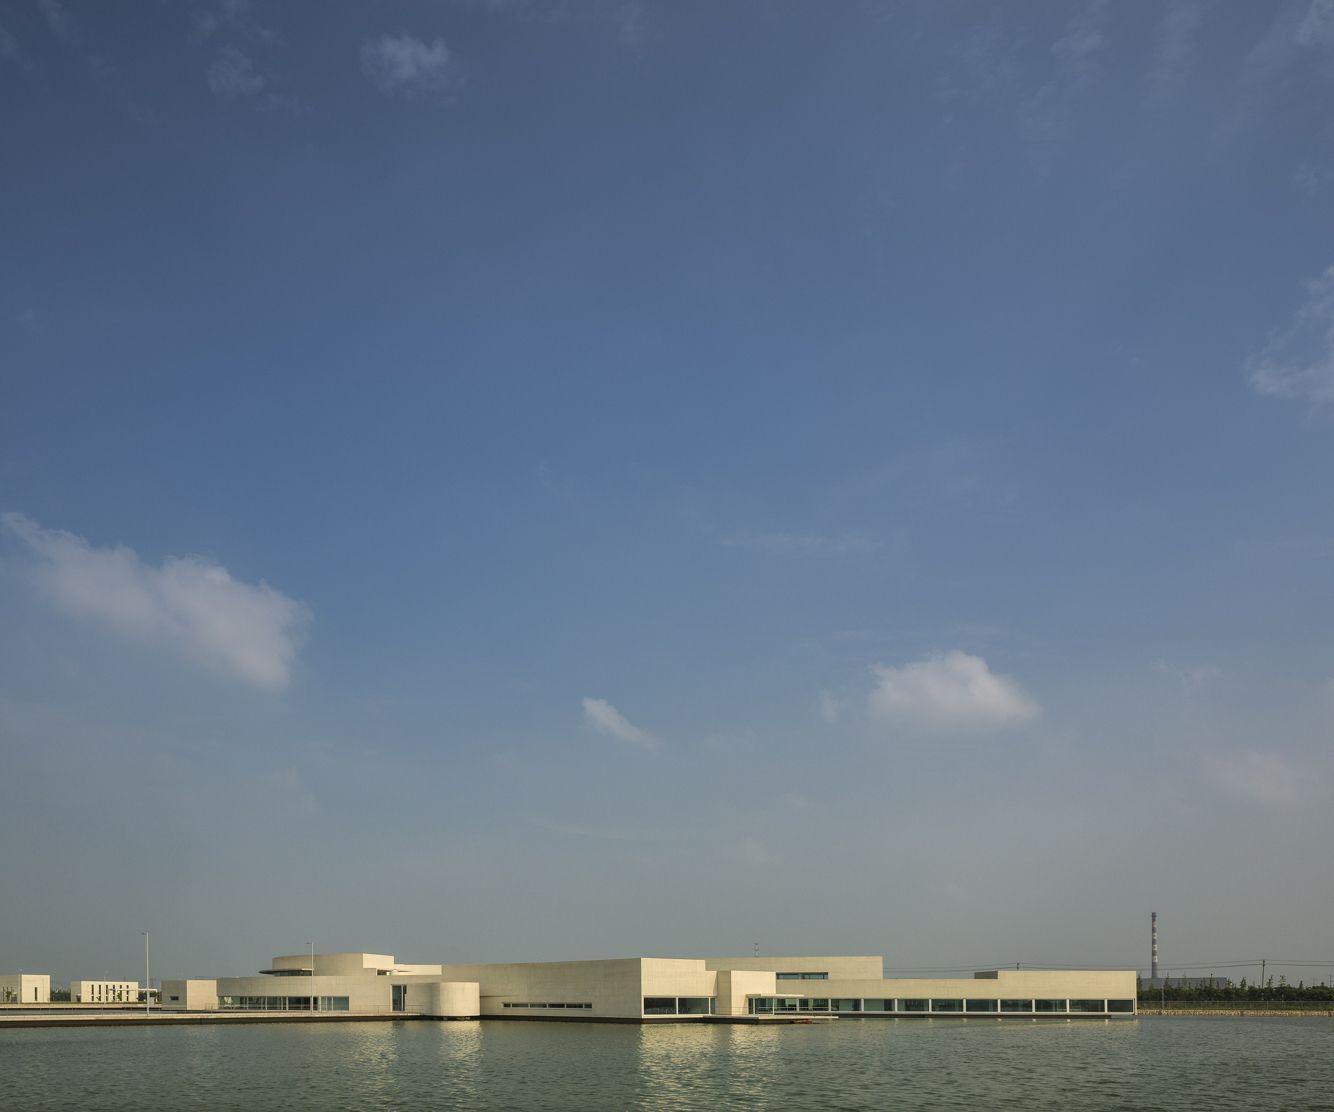 Building on Water • Huai'an, China - Álvaro Siza Vieira + Carlos Castanheira